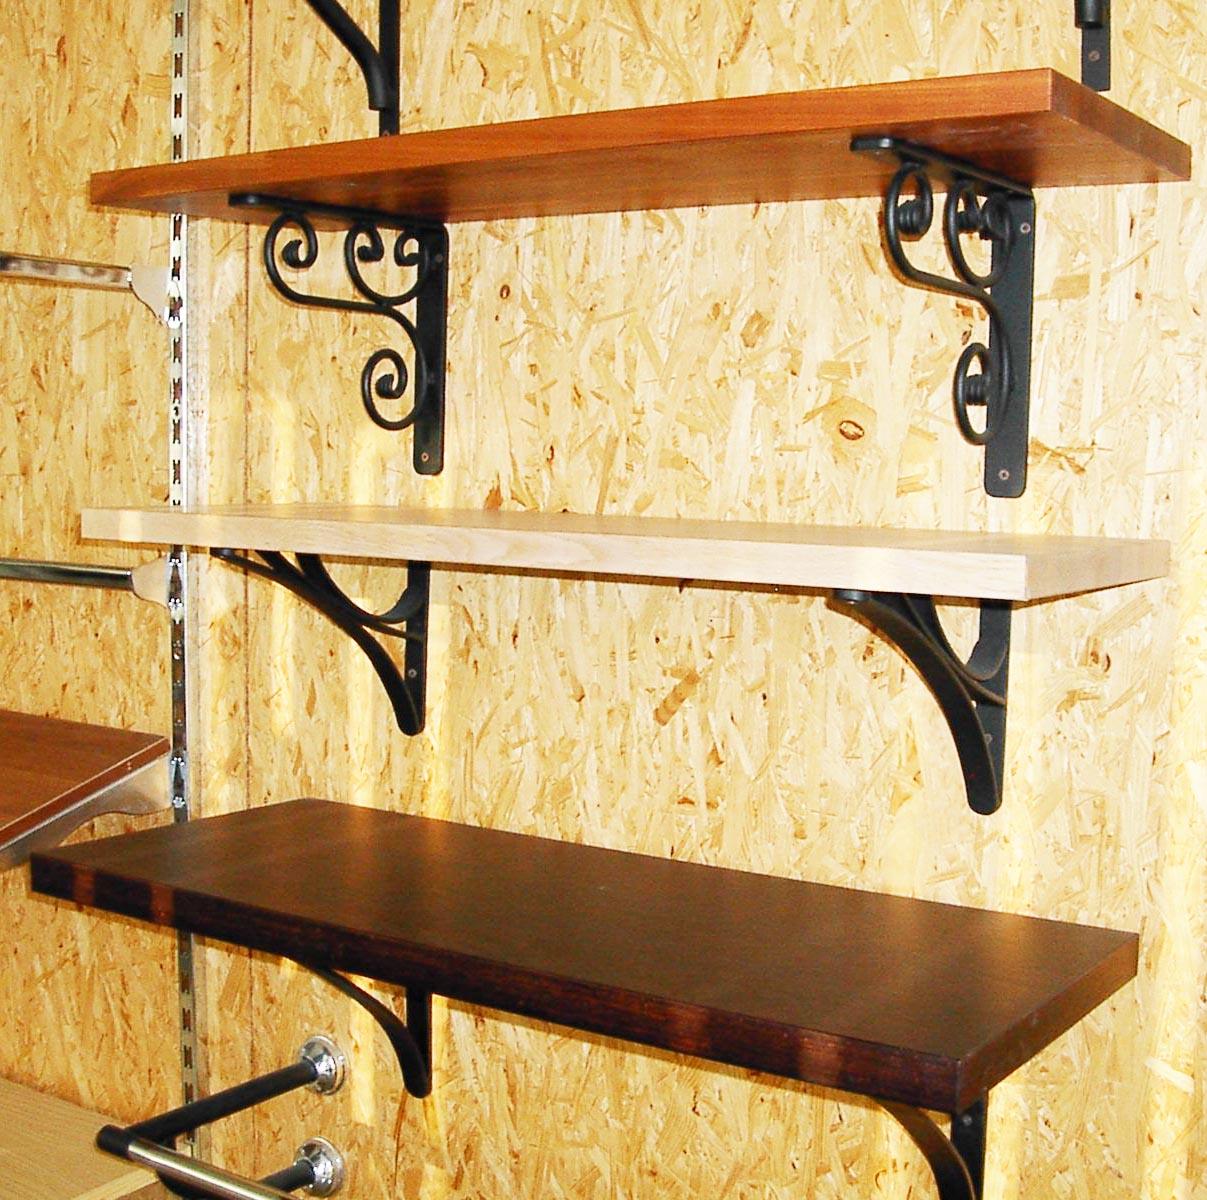 Produzione scaffali e scaffalature per arredamento locali for Scaffali in ferro battuto ikea